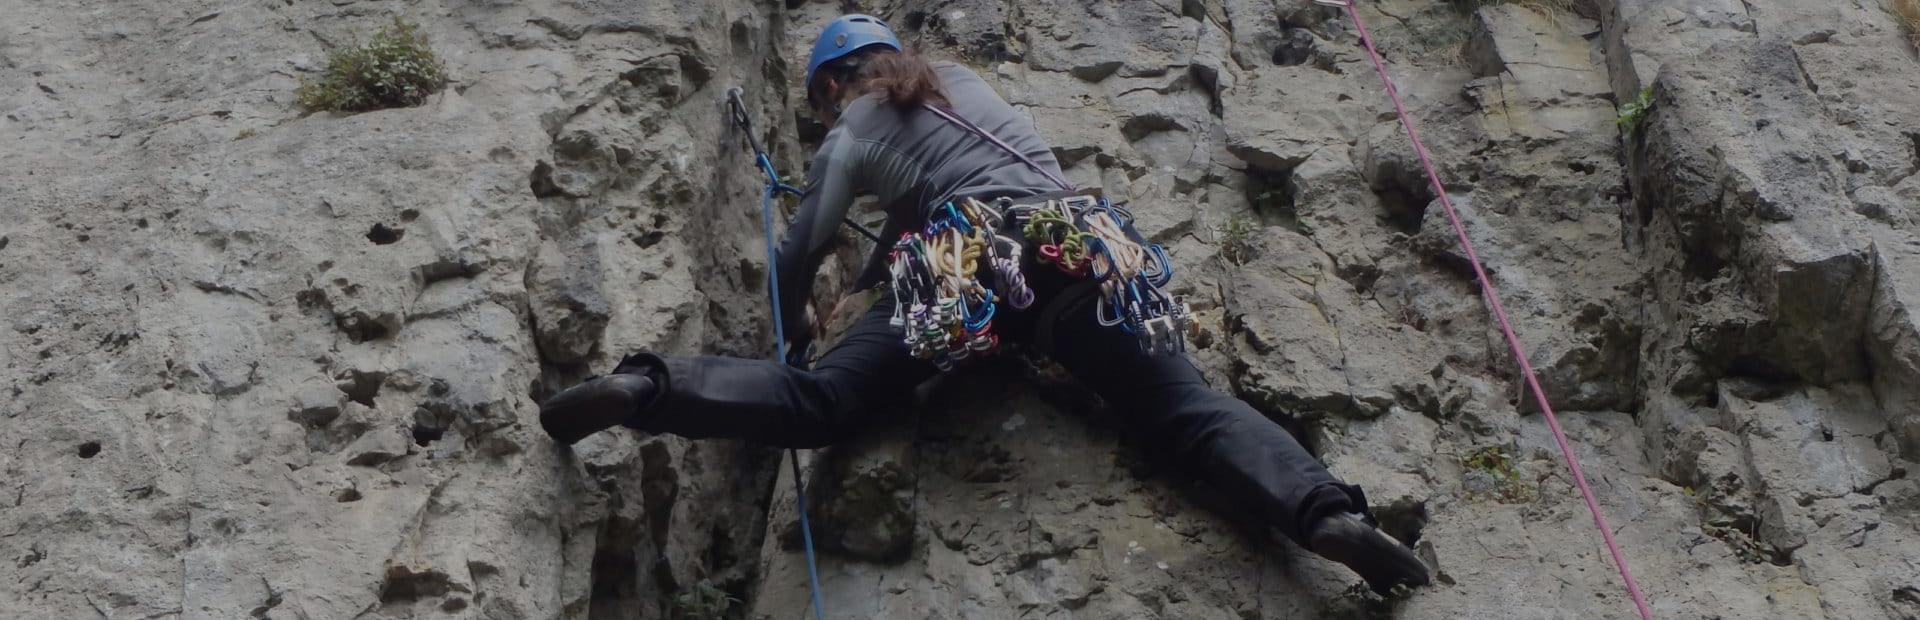 Metodické kurzy skalného lezenia